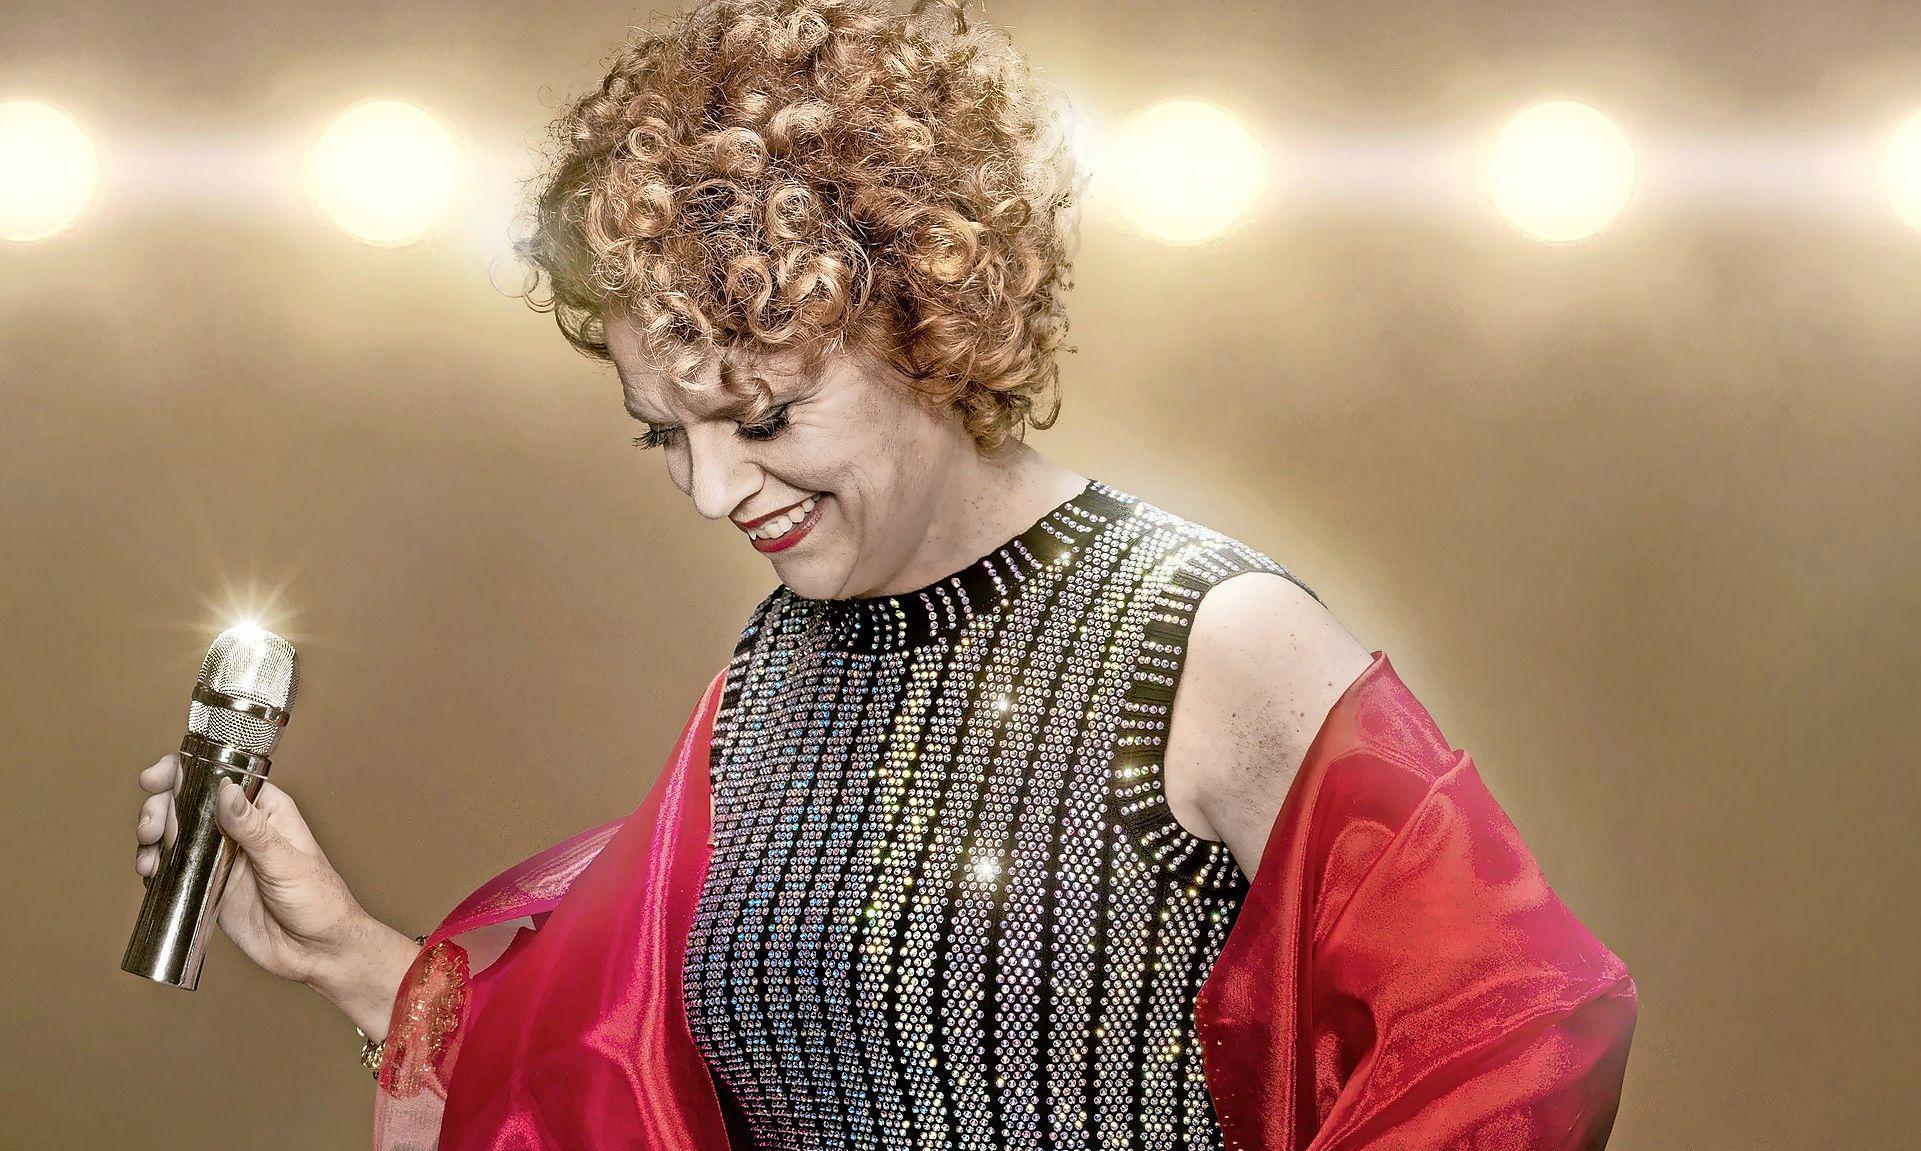 Brigitte Kaandorp zingend in actie voor Voedselbank Velsen: cabaretière trakteert hotelgasten Landgoed Duin & Kruidberg op bijzondere optredens